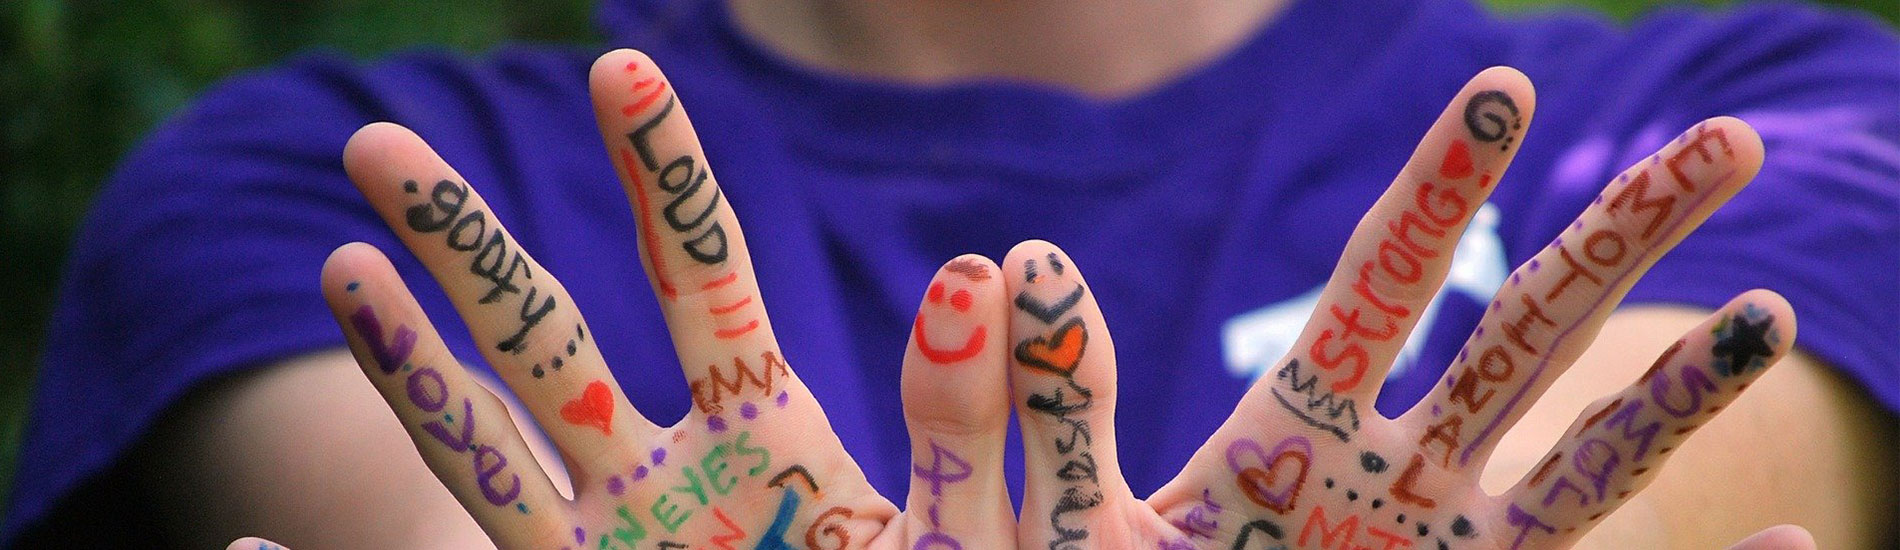 Όσα αποκαλύπτουν τα χέρια μας…